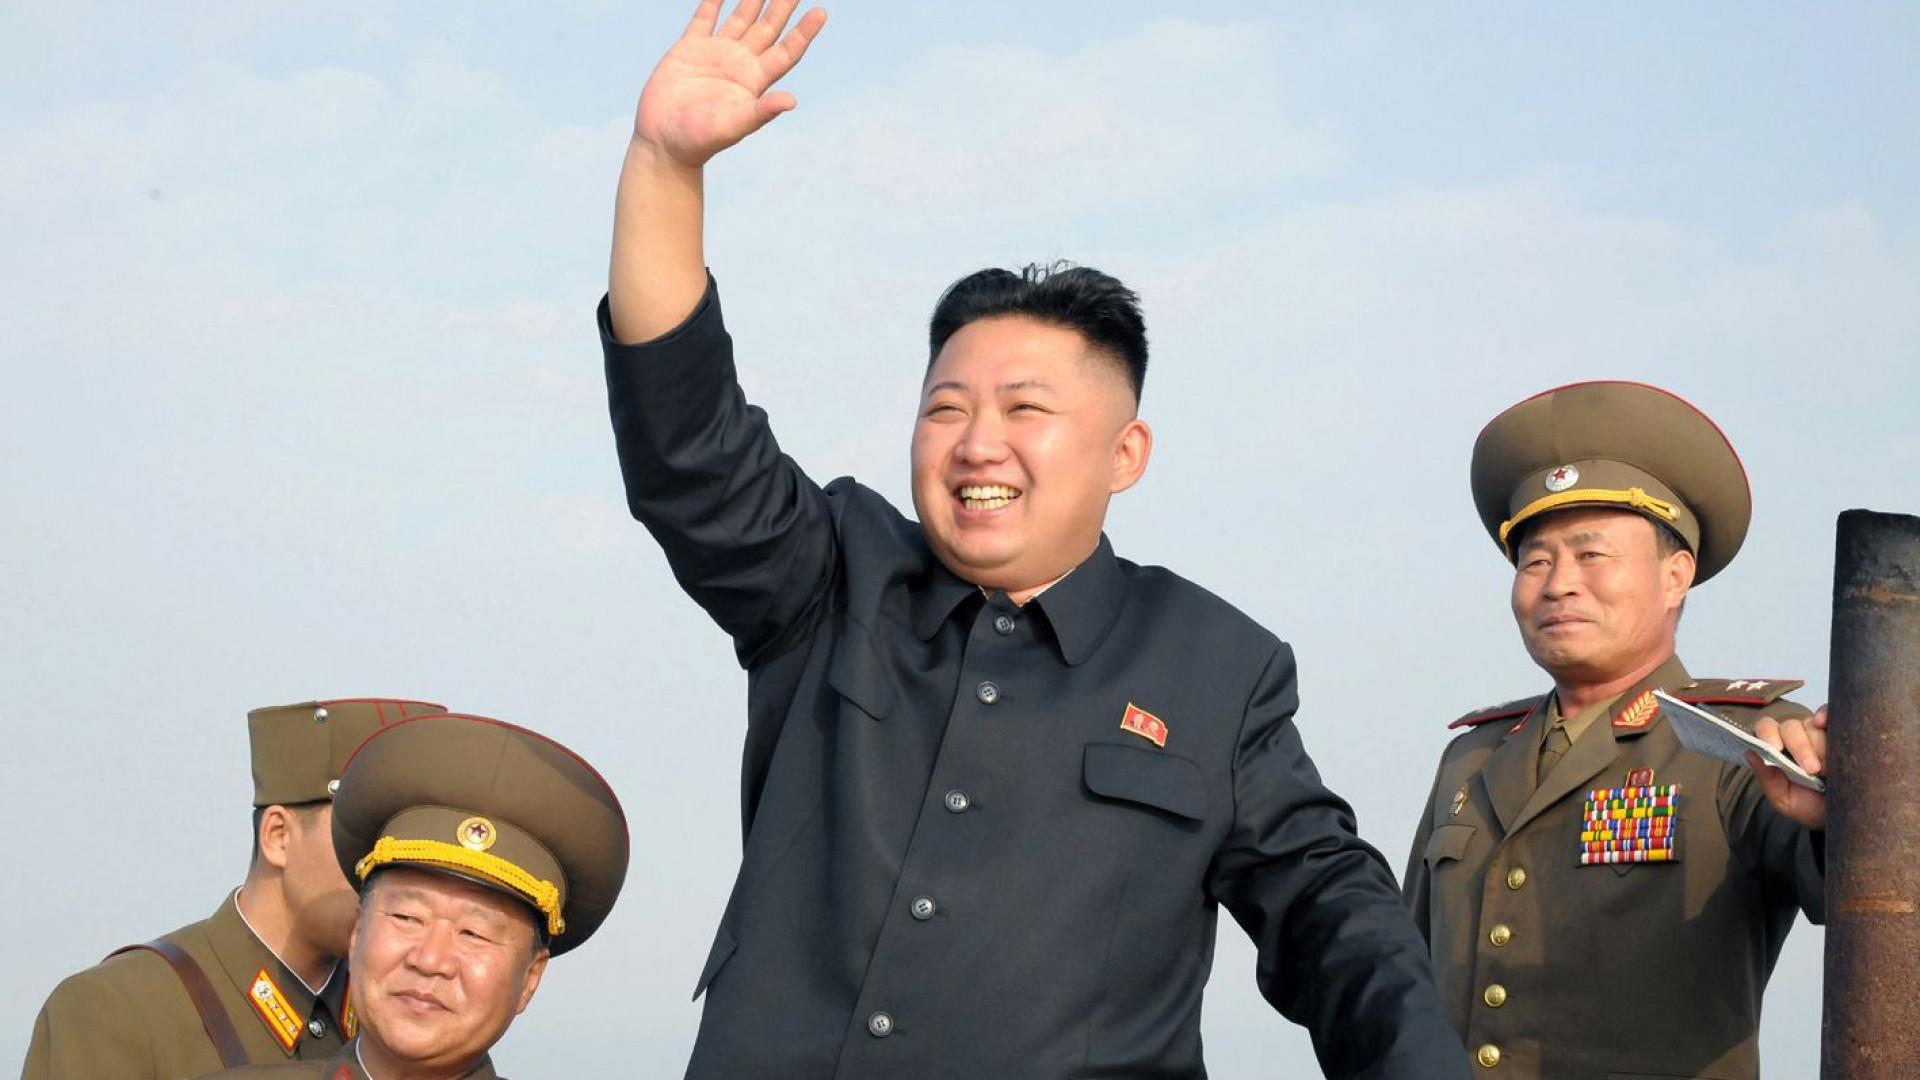 Todos os homens devem cortar o cabelo como Kim Jong-un